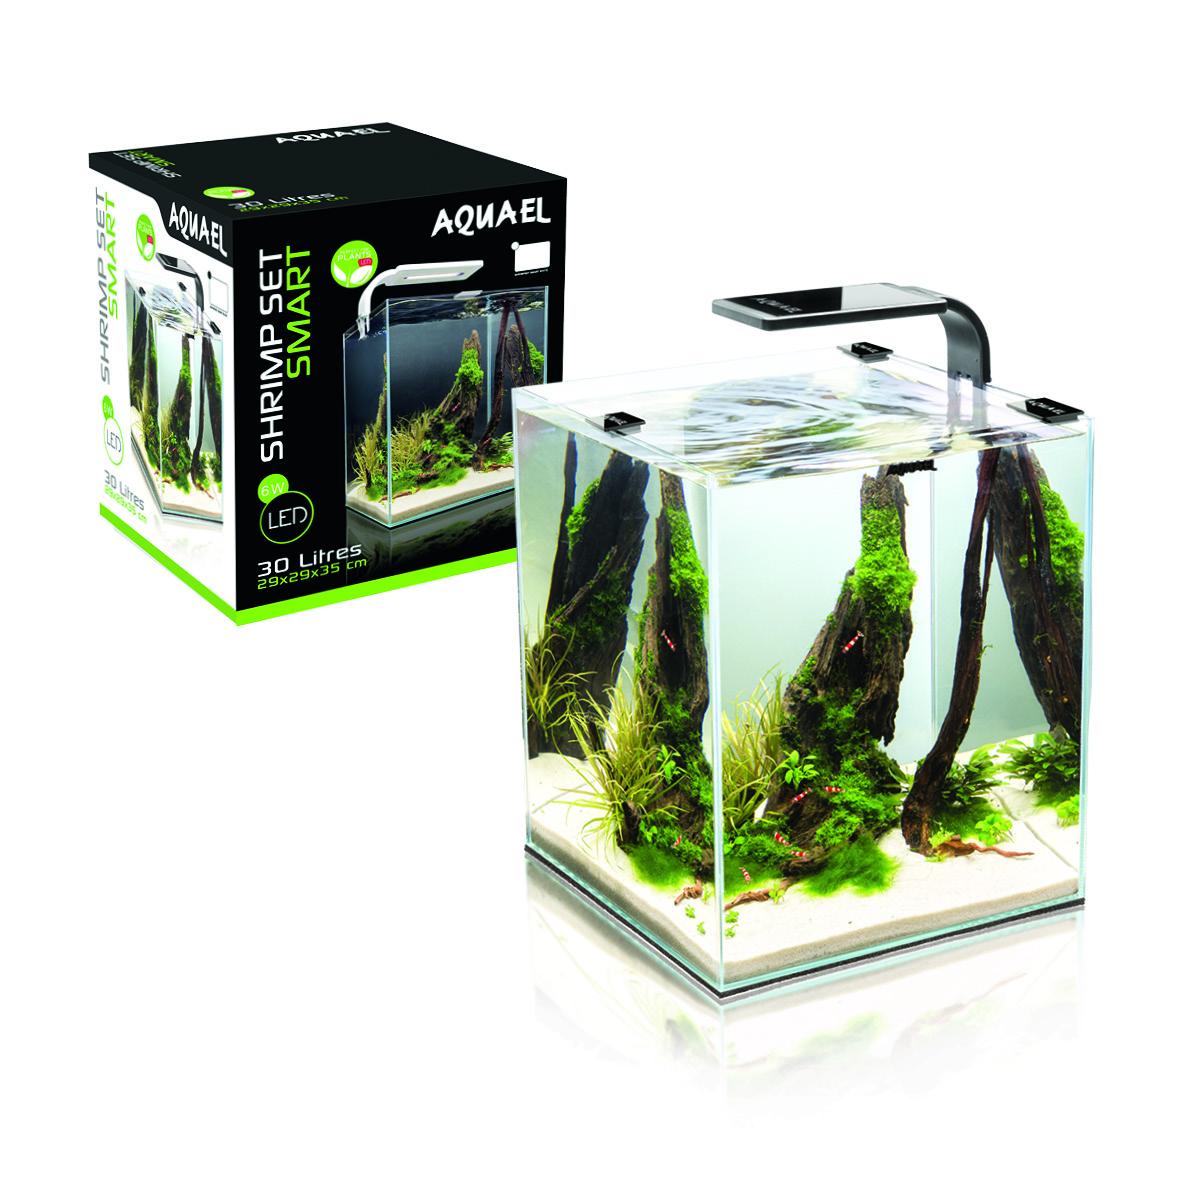 Fotografie Aquael AQUAEL Shrimp Smart akvarijní set, bílá, 10 l